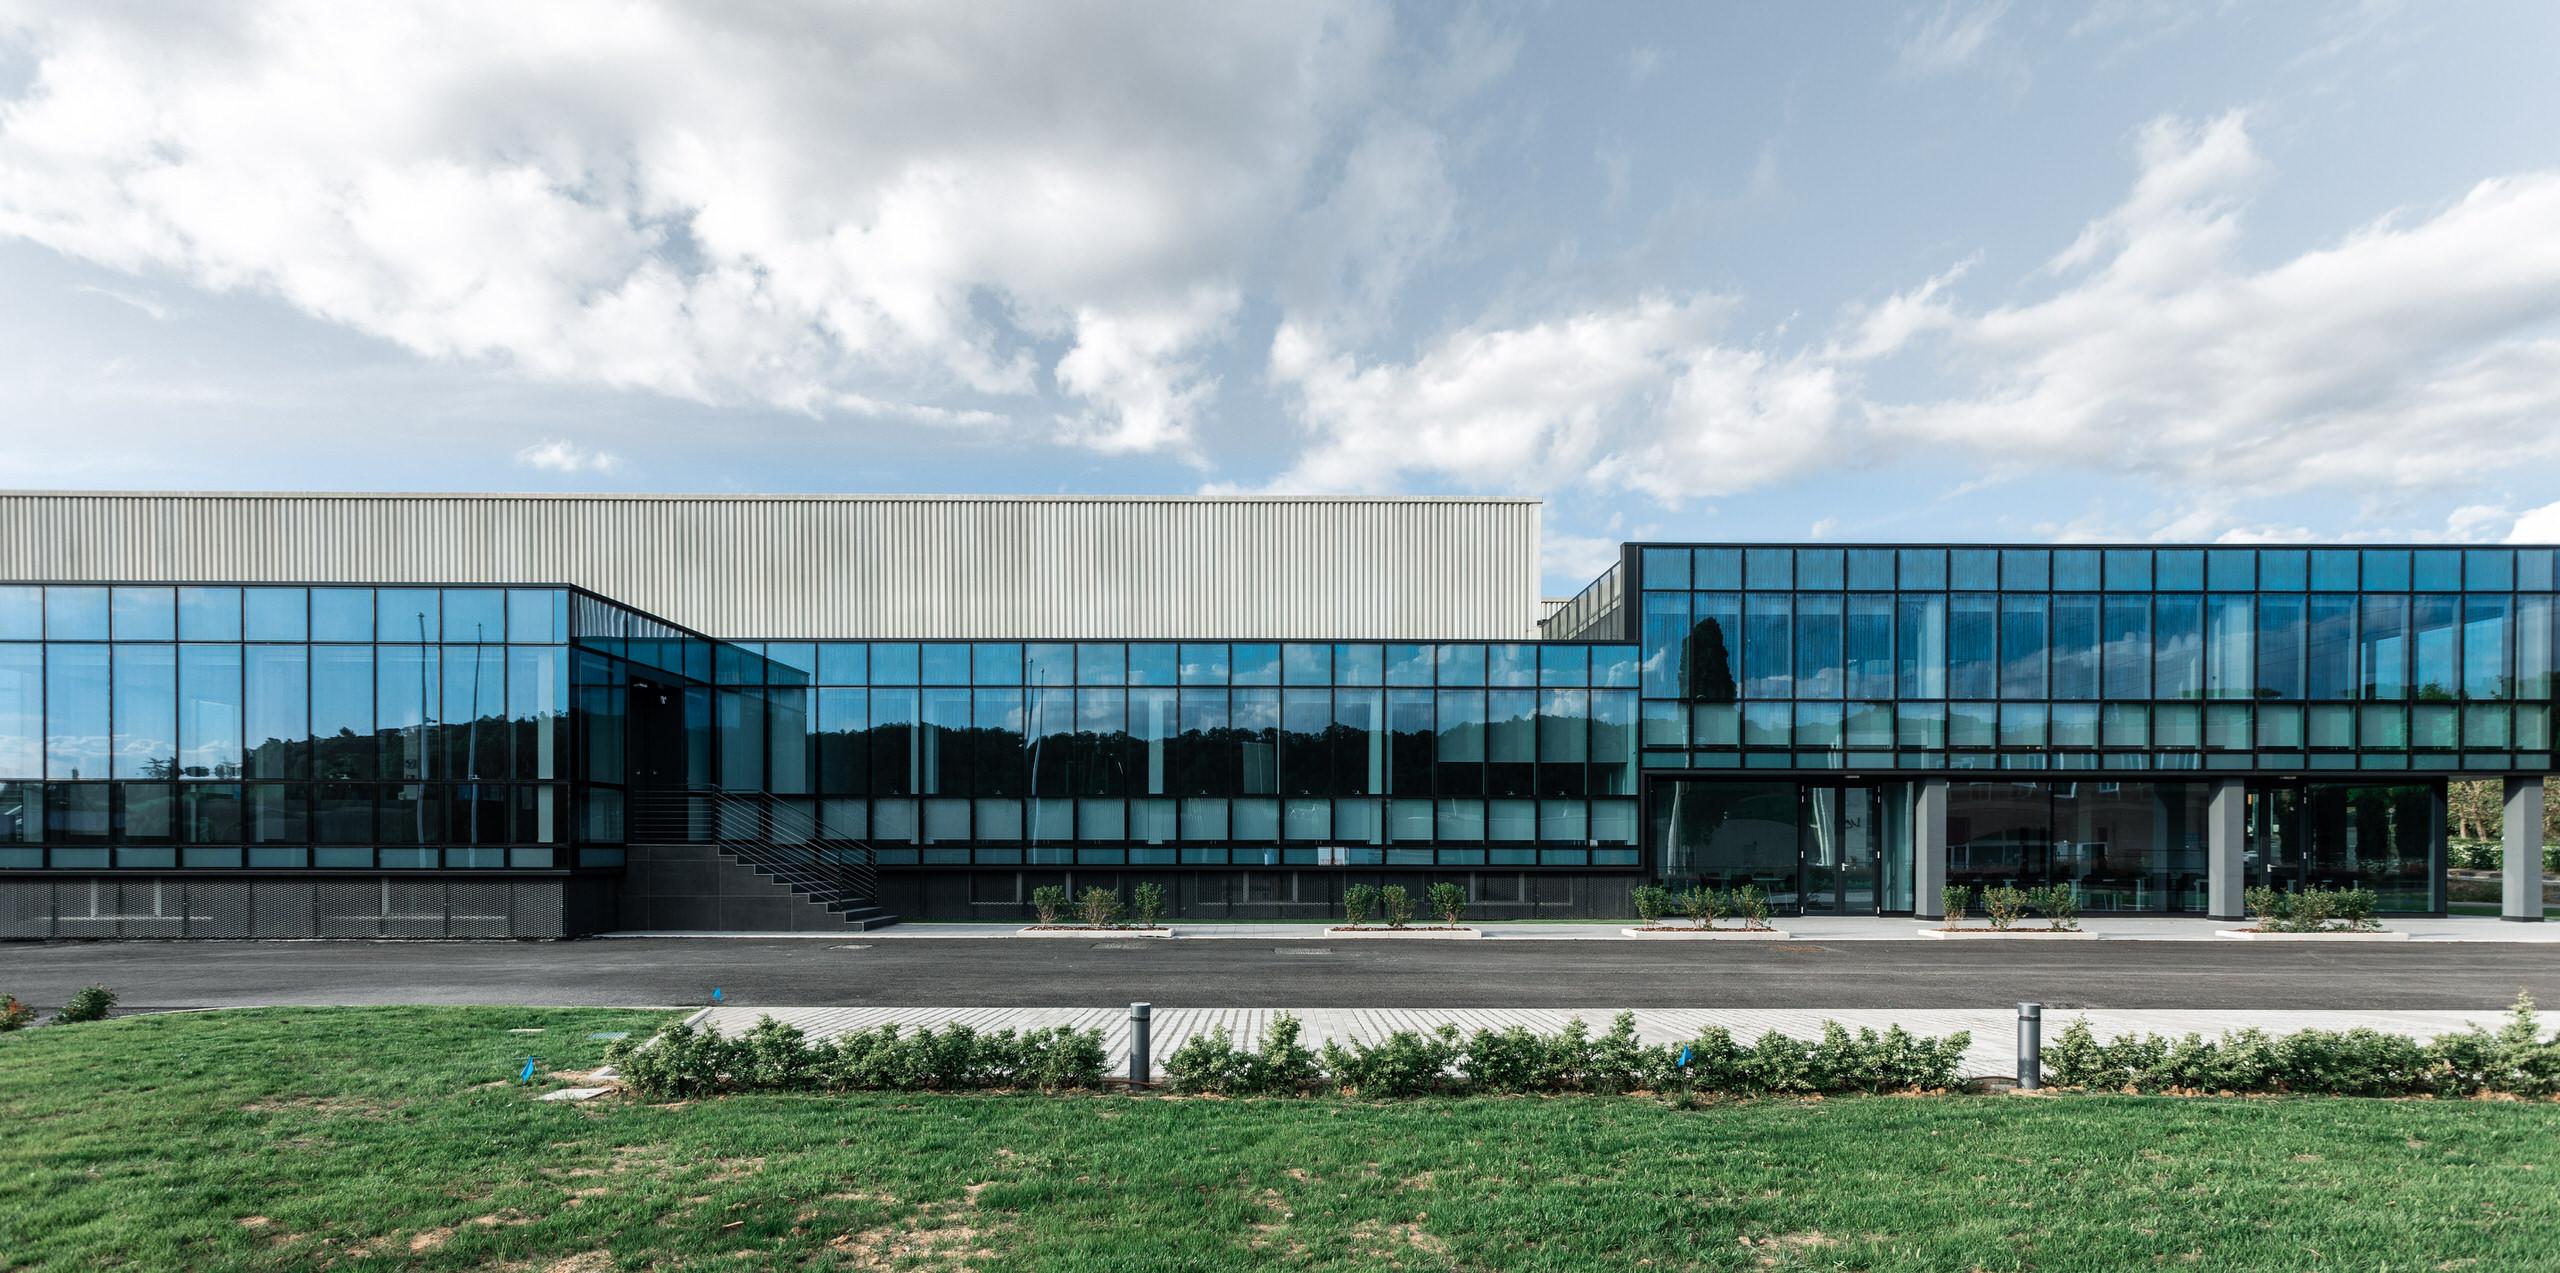 fotografia di architettura aziendale vetro e ferro